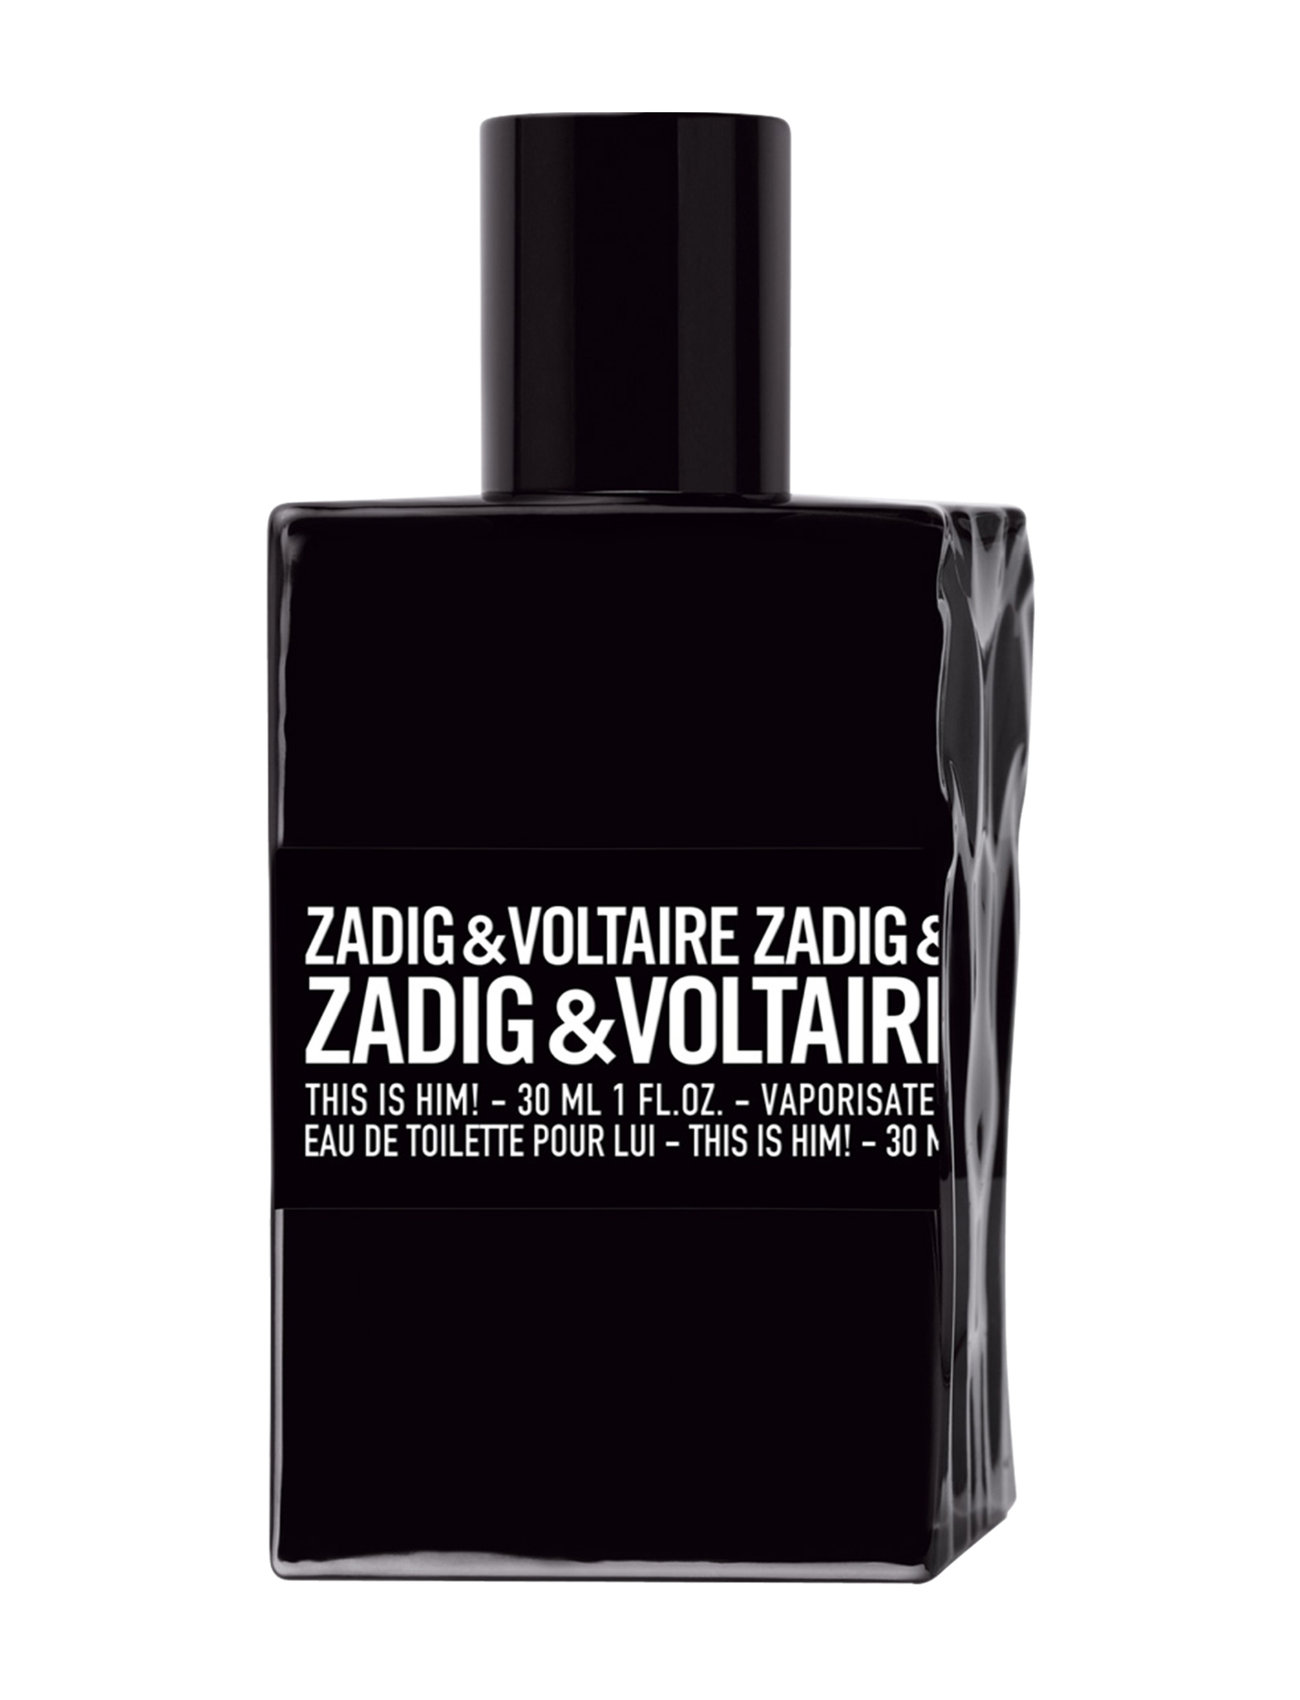 Zadig & Voltaire Fragrance THIS IS HIM! EAU DE TOILETTE